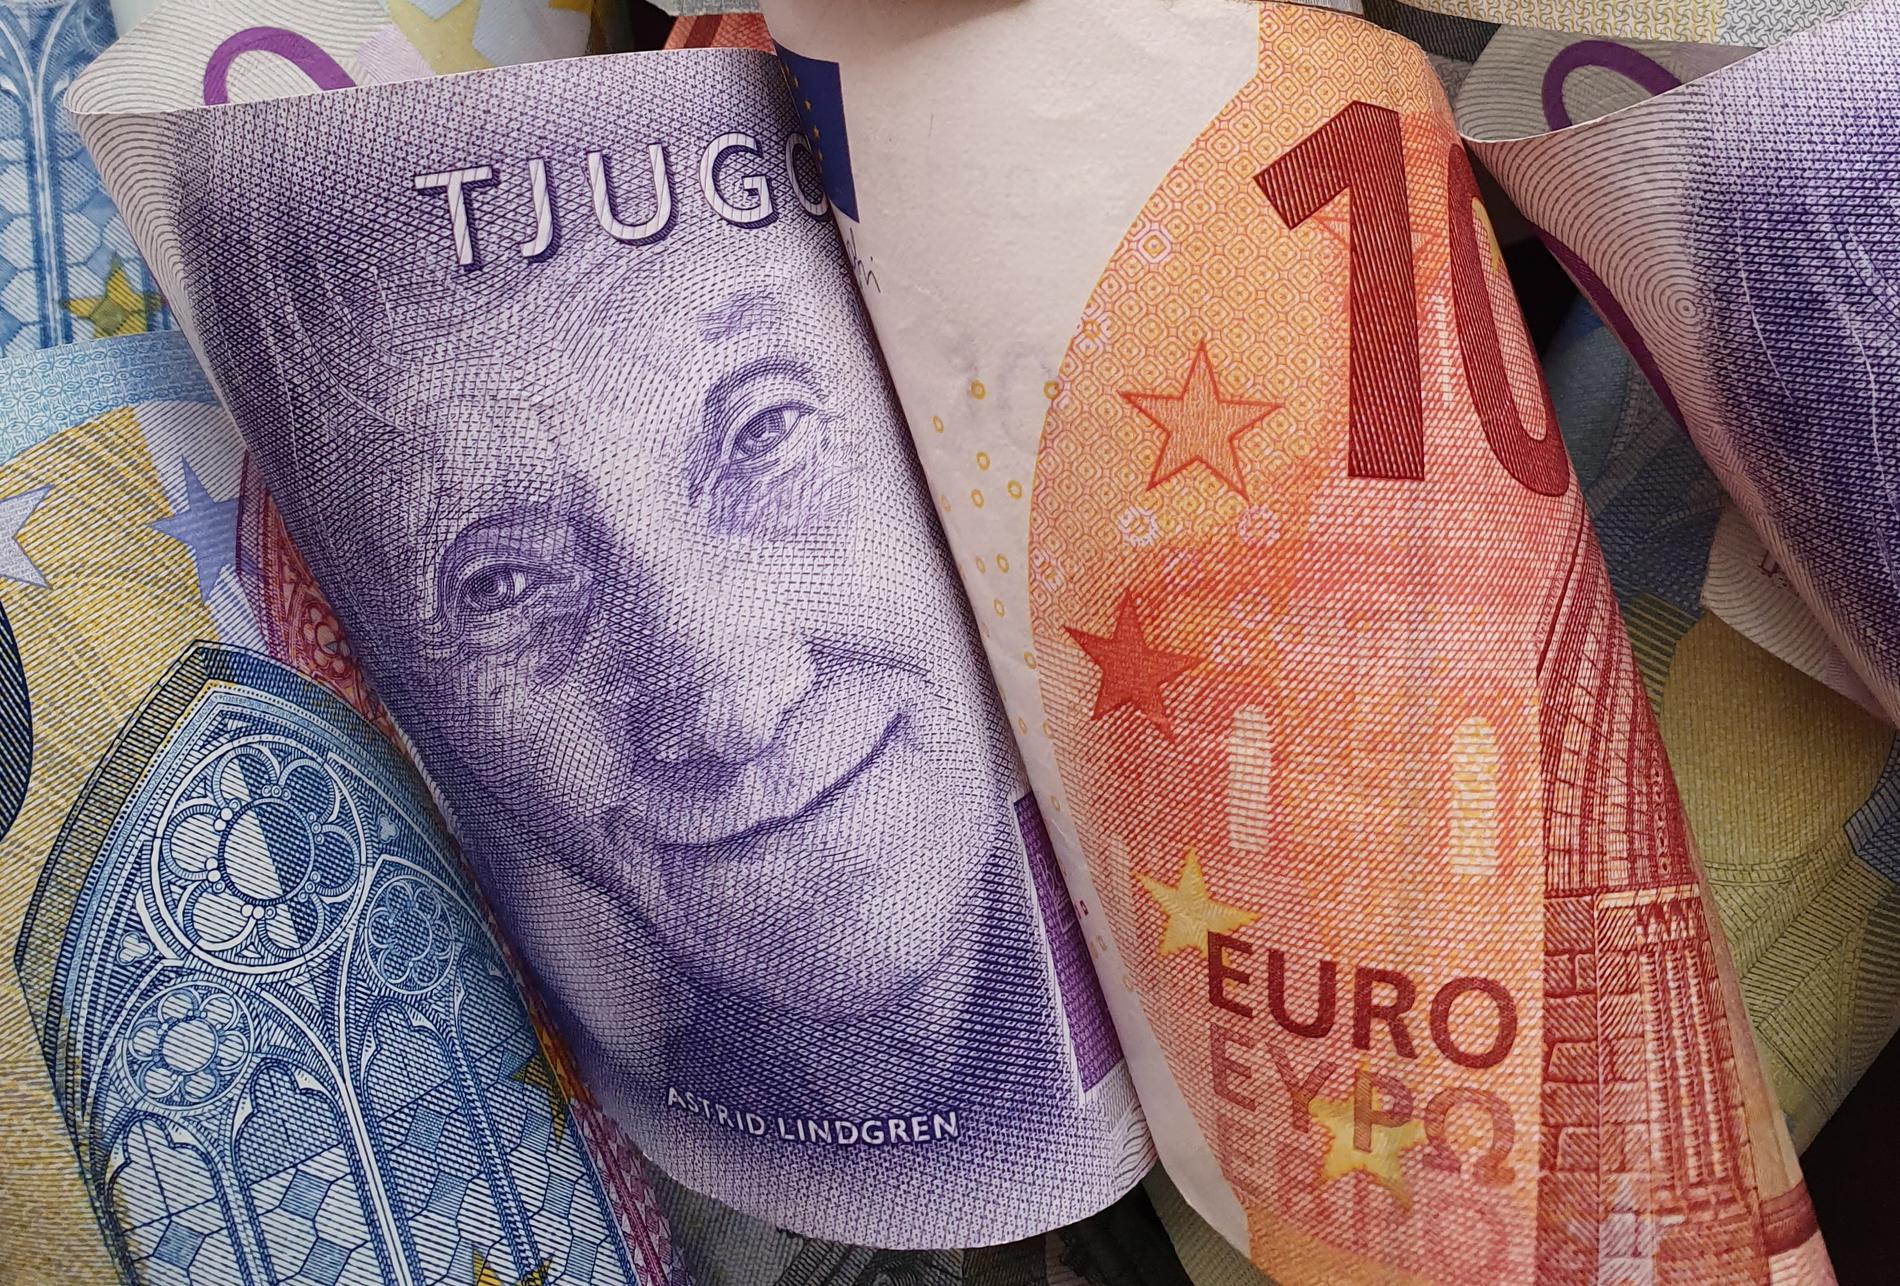 Placera pengarna där du får ränta på dem, tipsar Frida Bratt.